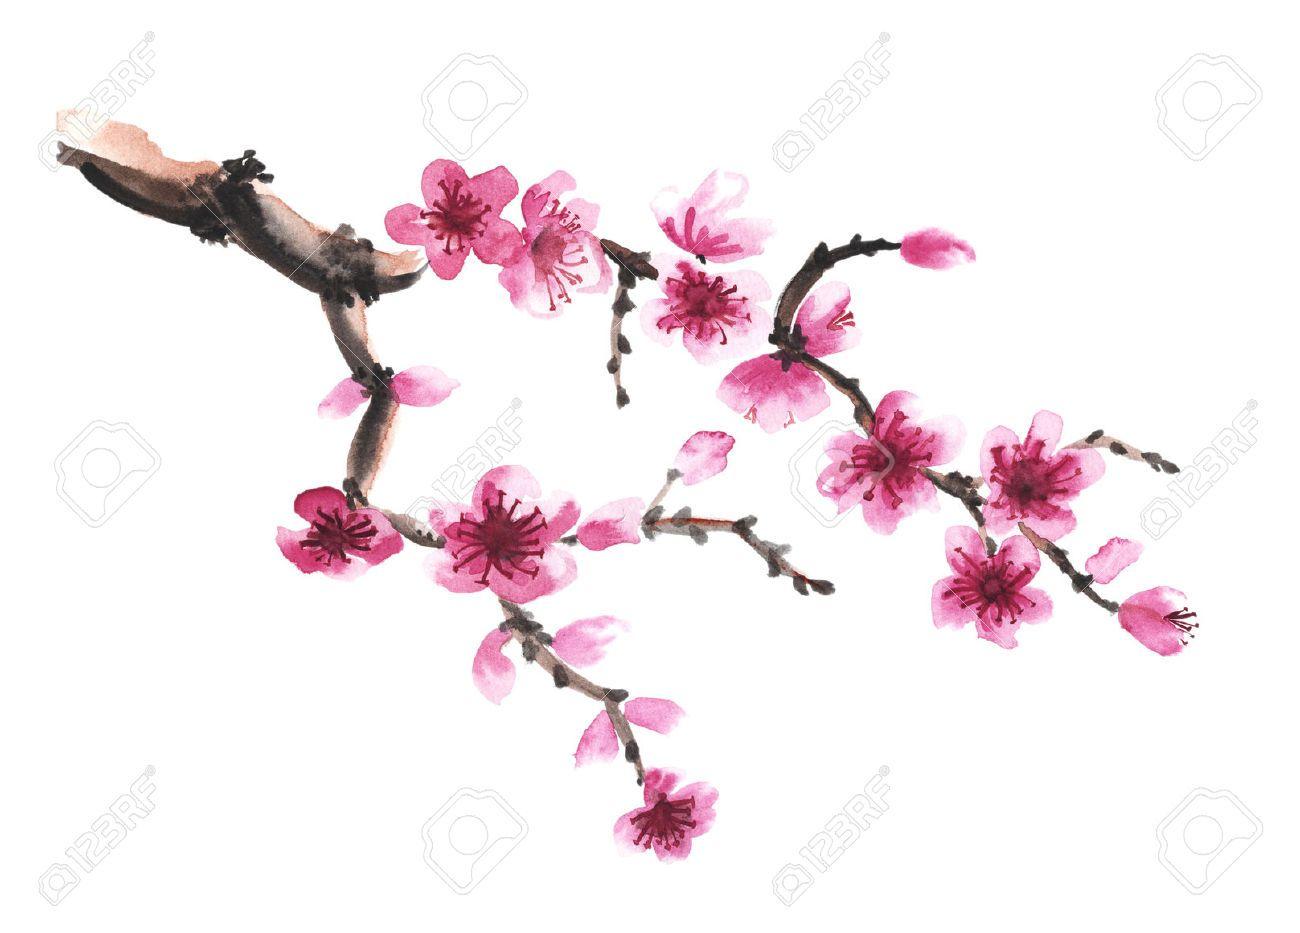 Branche Aquarelle Dessinee A La Main De Sakura Isole Sur Blanc Fleur De Cerisier Dessin Art De Fleur De Cerisier Fleur De Cerisier